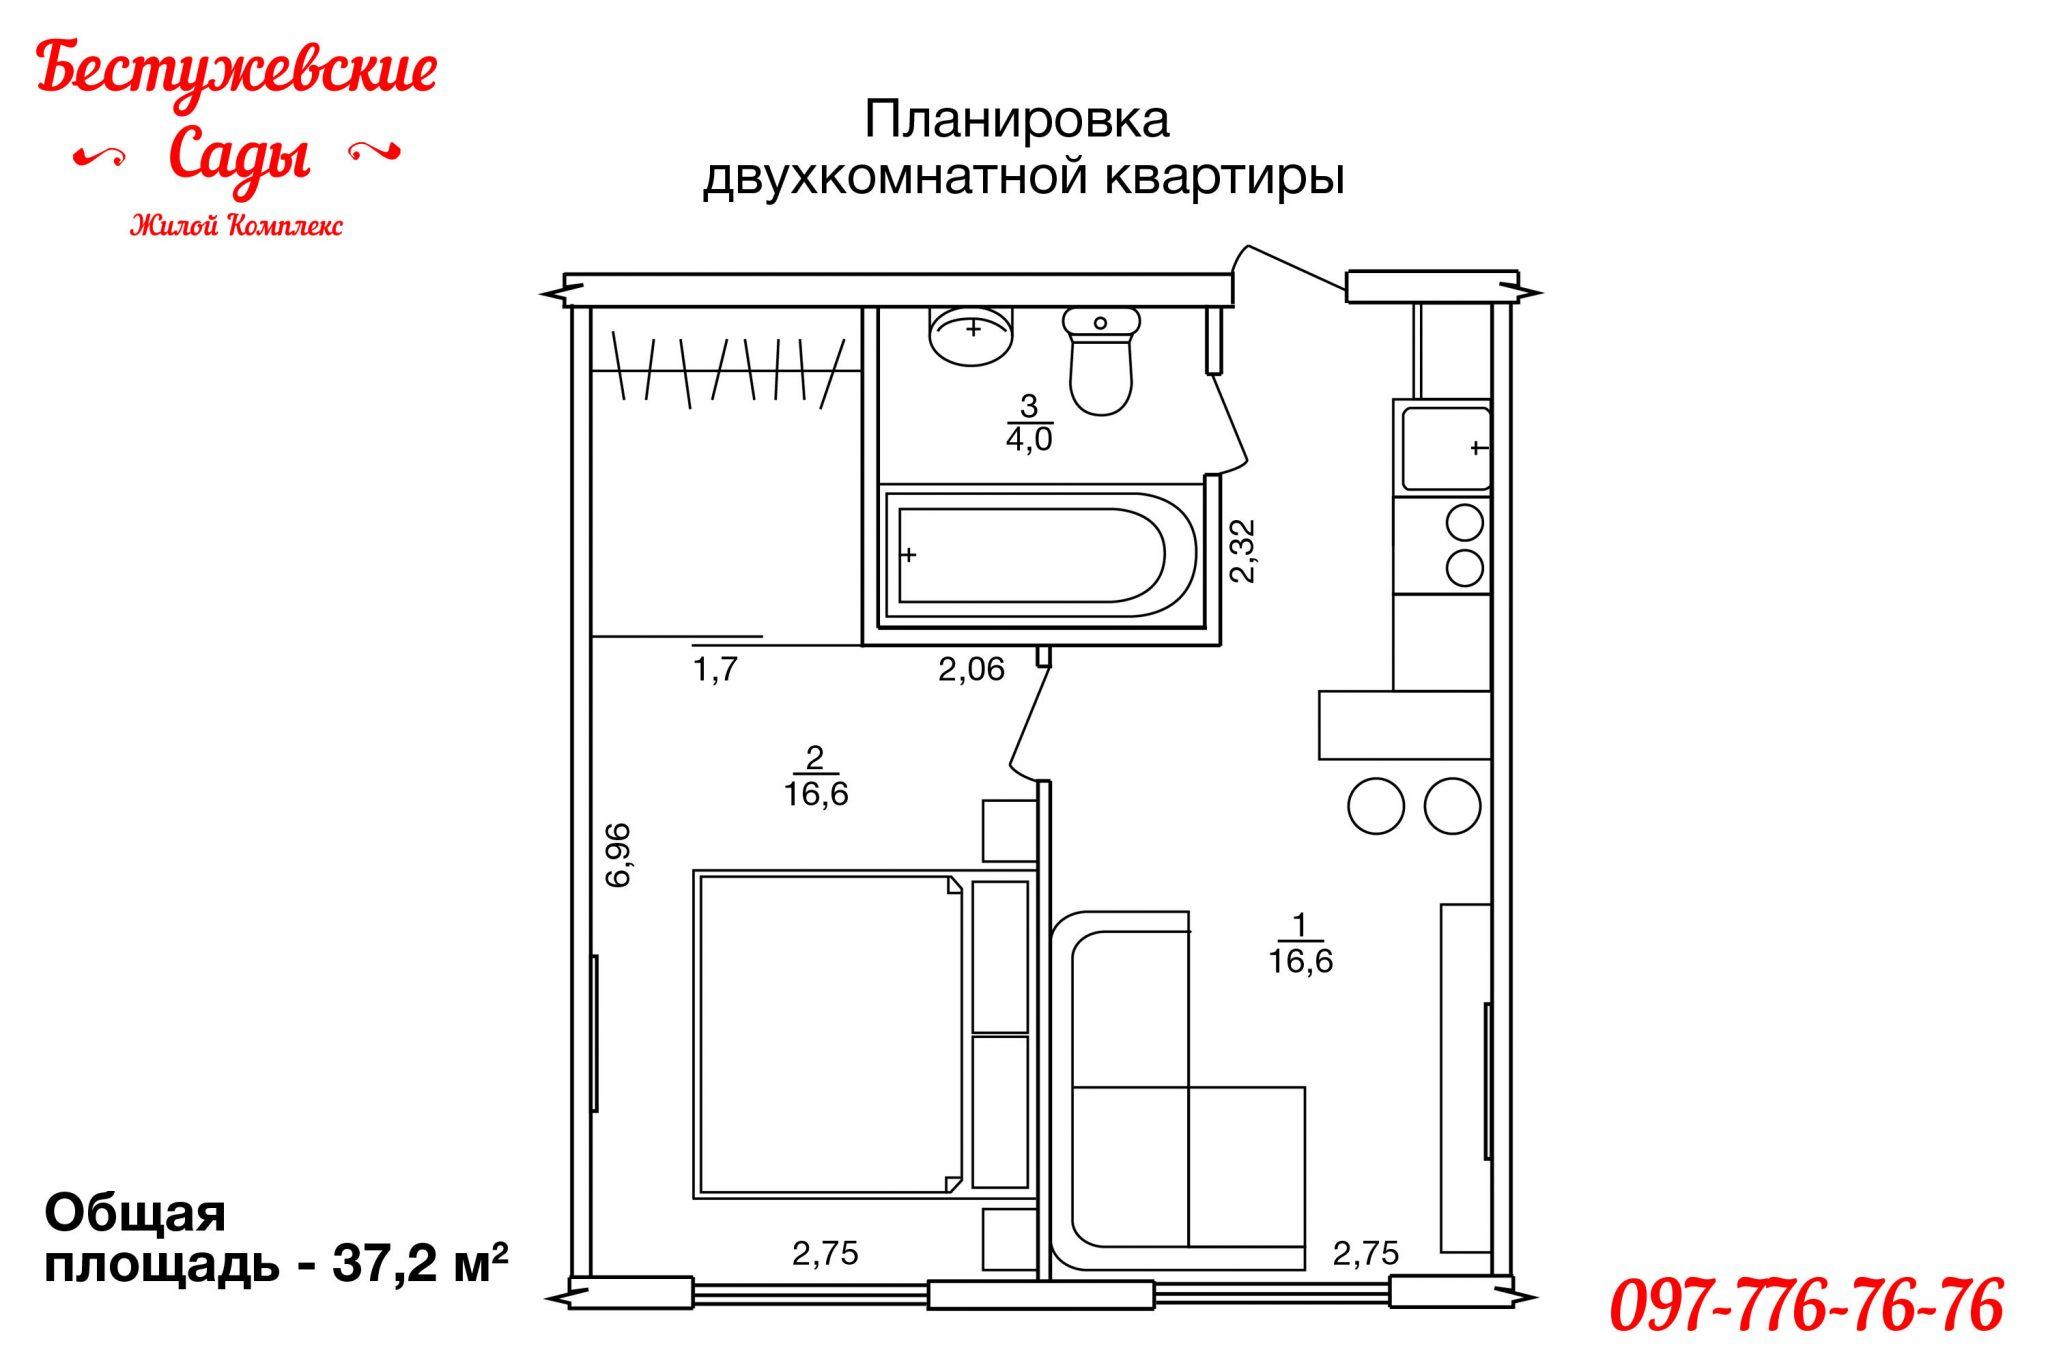 дизайн 2 комнатной квартиры студии